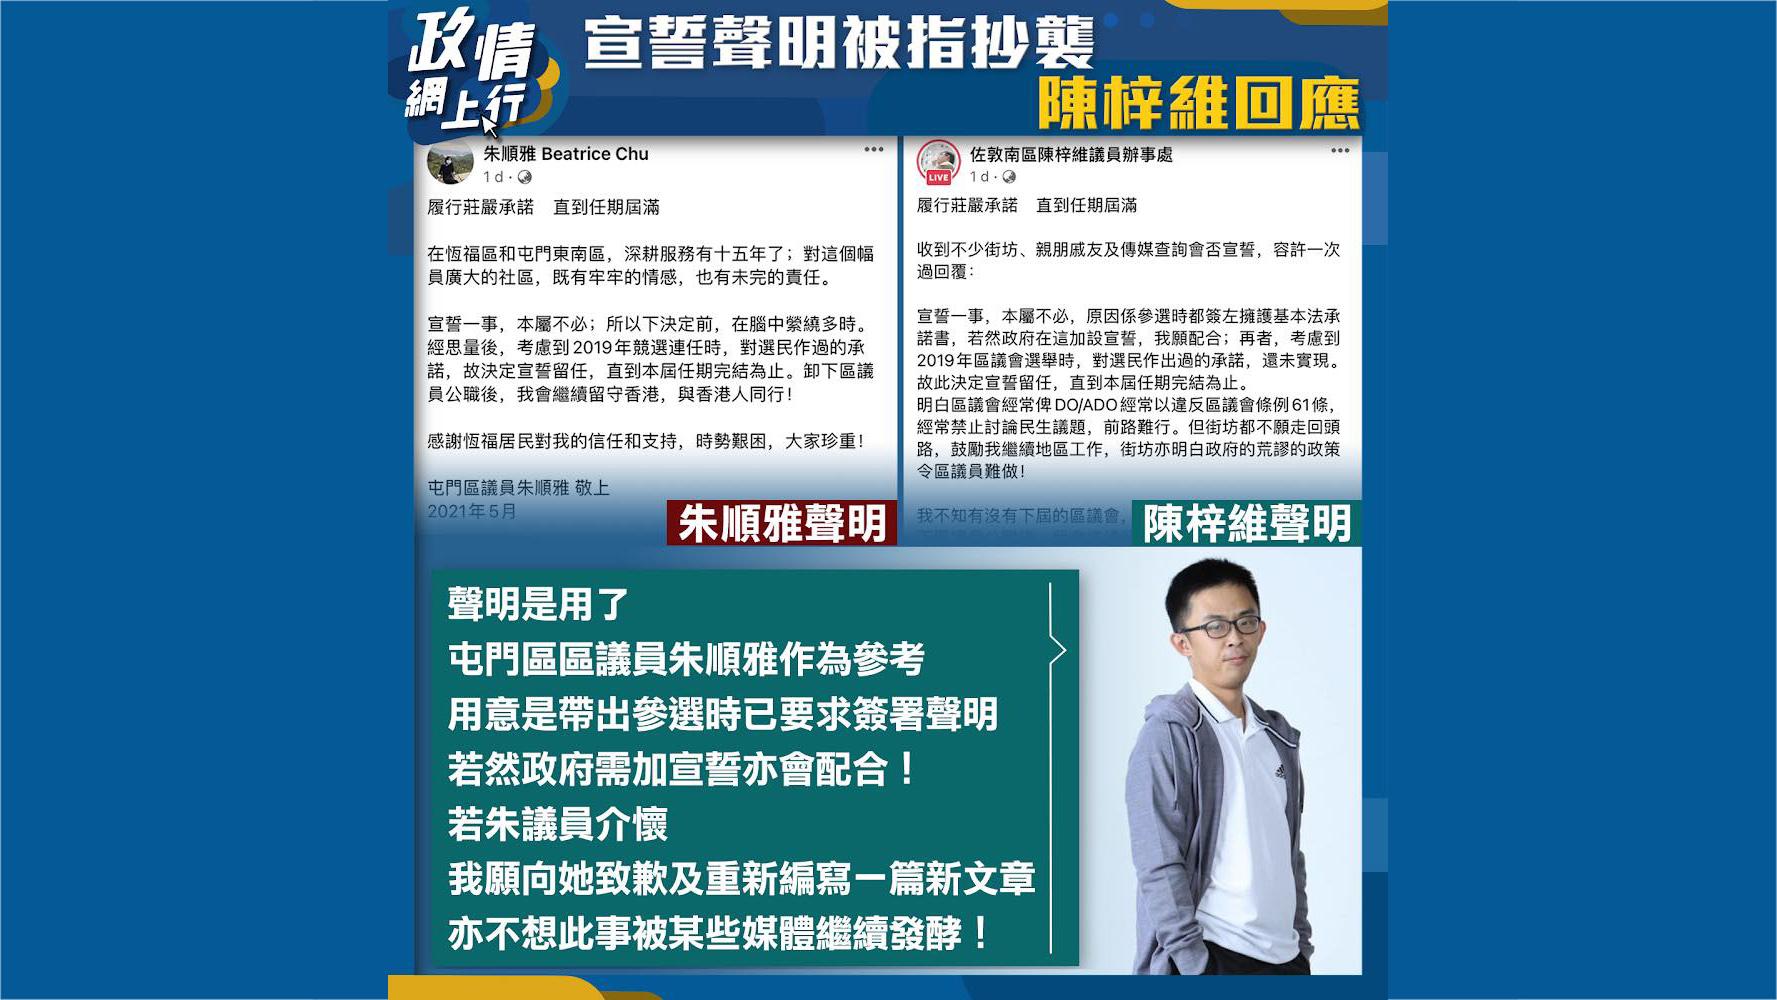 【政情網上行】宣誓聲明被指抄襲 陳梓維回應